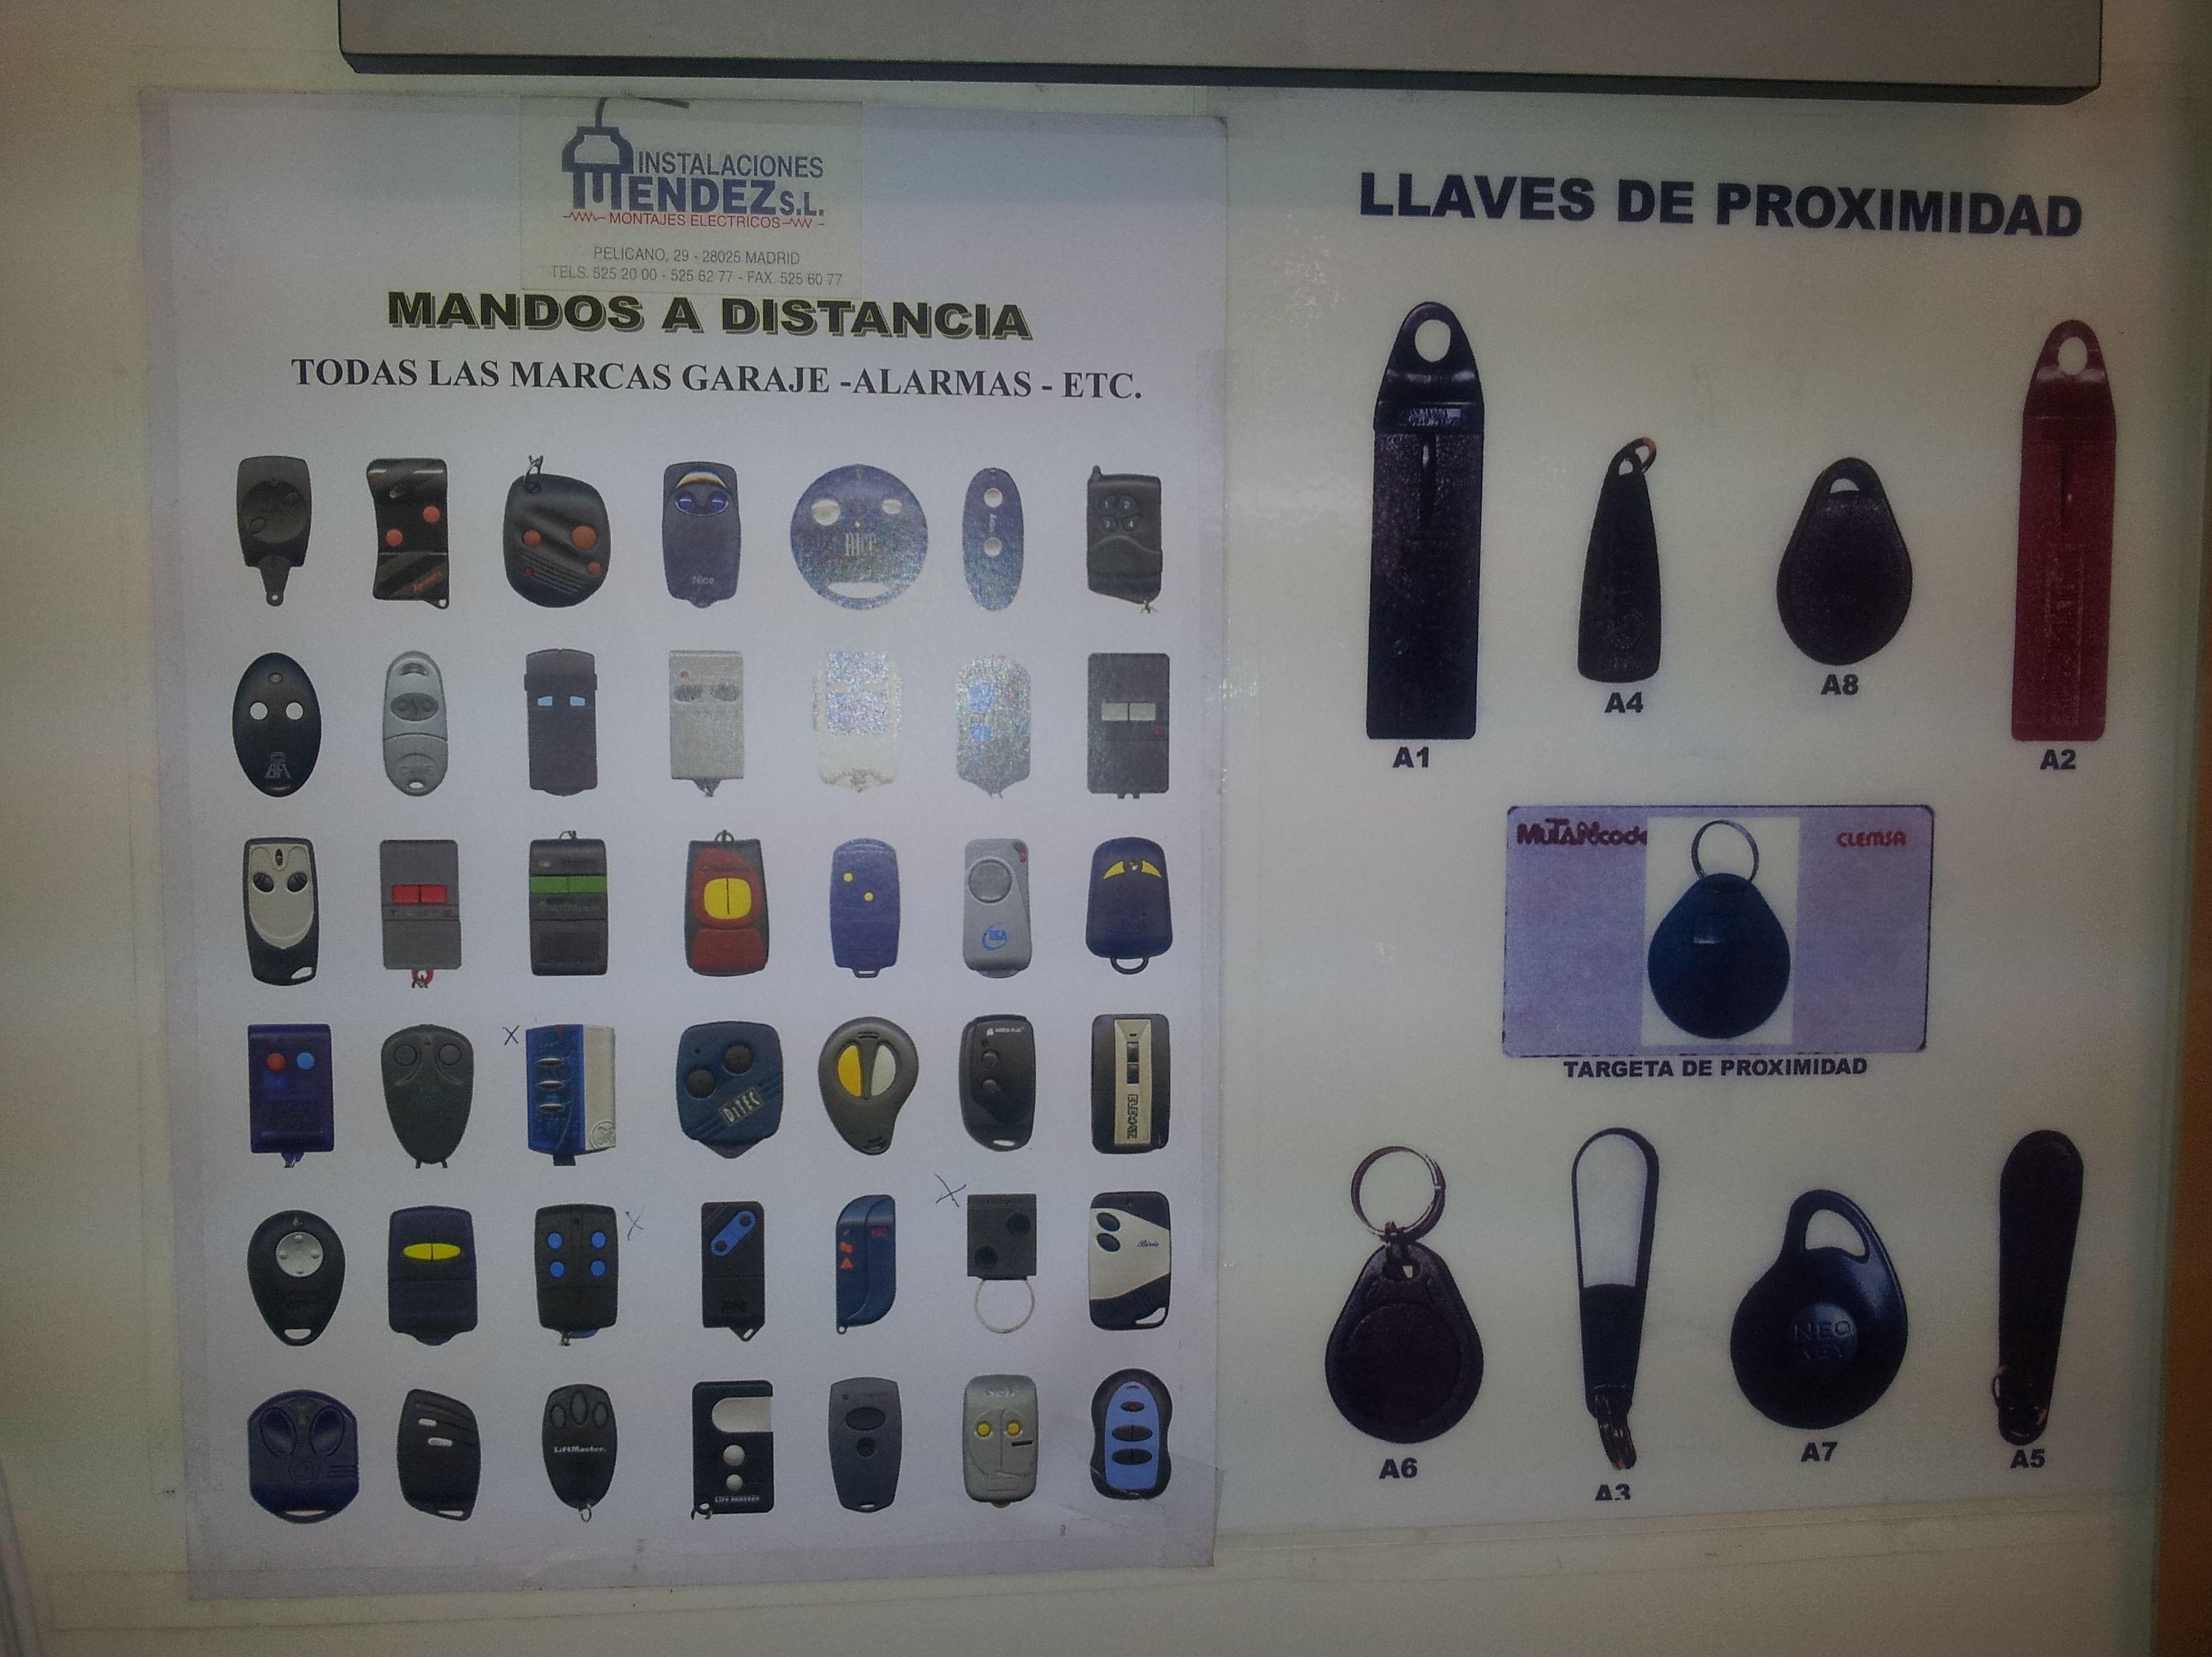 MANDOS A DISTANCIA, LLAVES DE PROXIMIDAD Y LLAVES MAGNETICAS